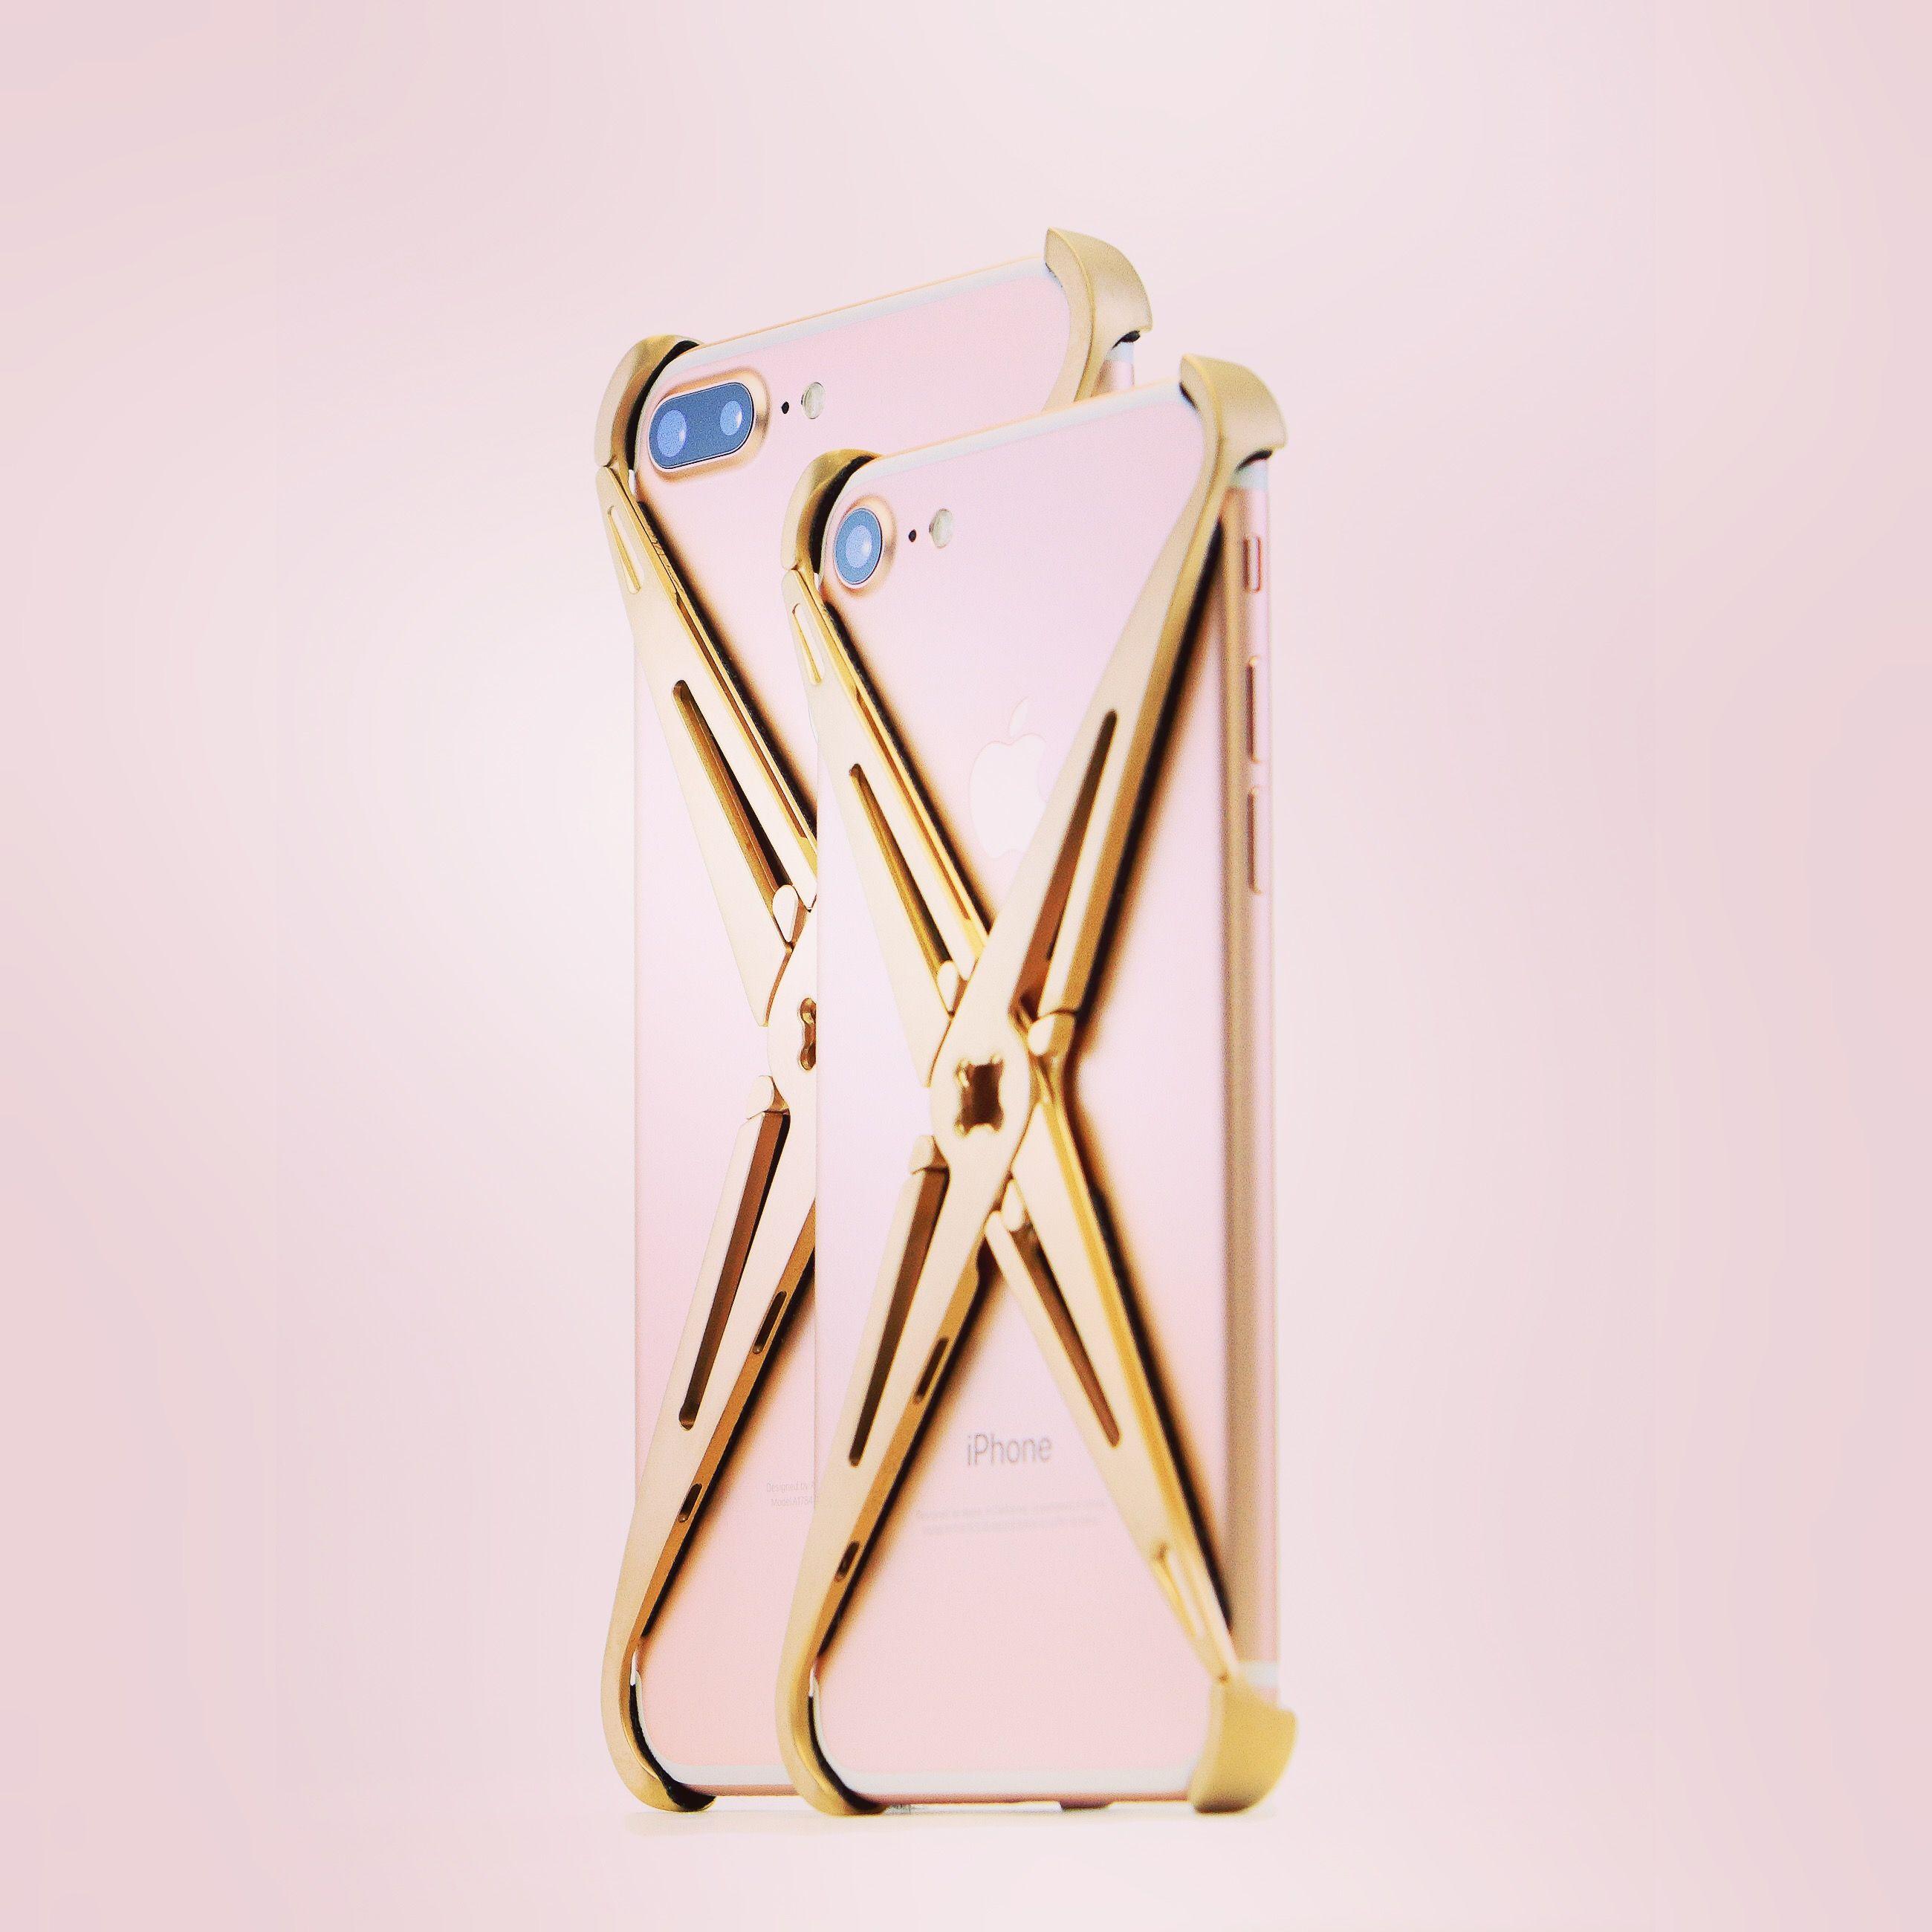 Lucidream eXo Collection - iPhone Case & Accessories - Premium Luxury Redefined #iphone #iphonecase #premium #luxury #design #cool www.lucidream.com/shop